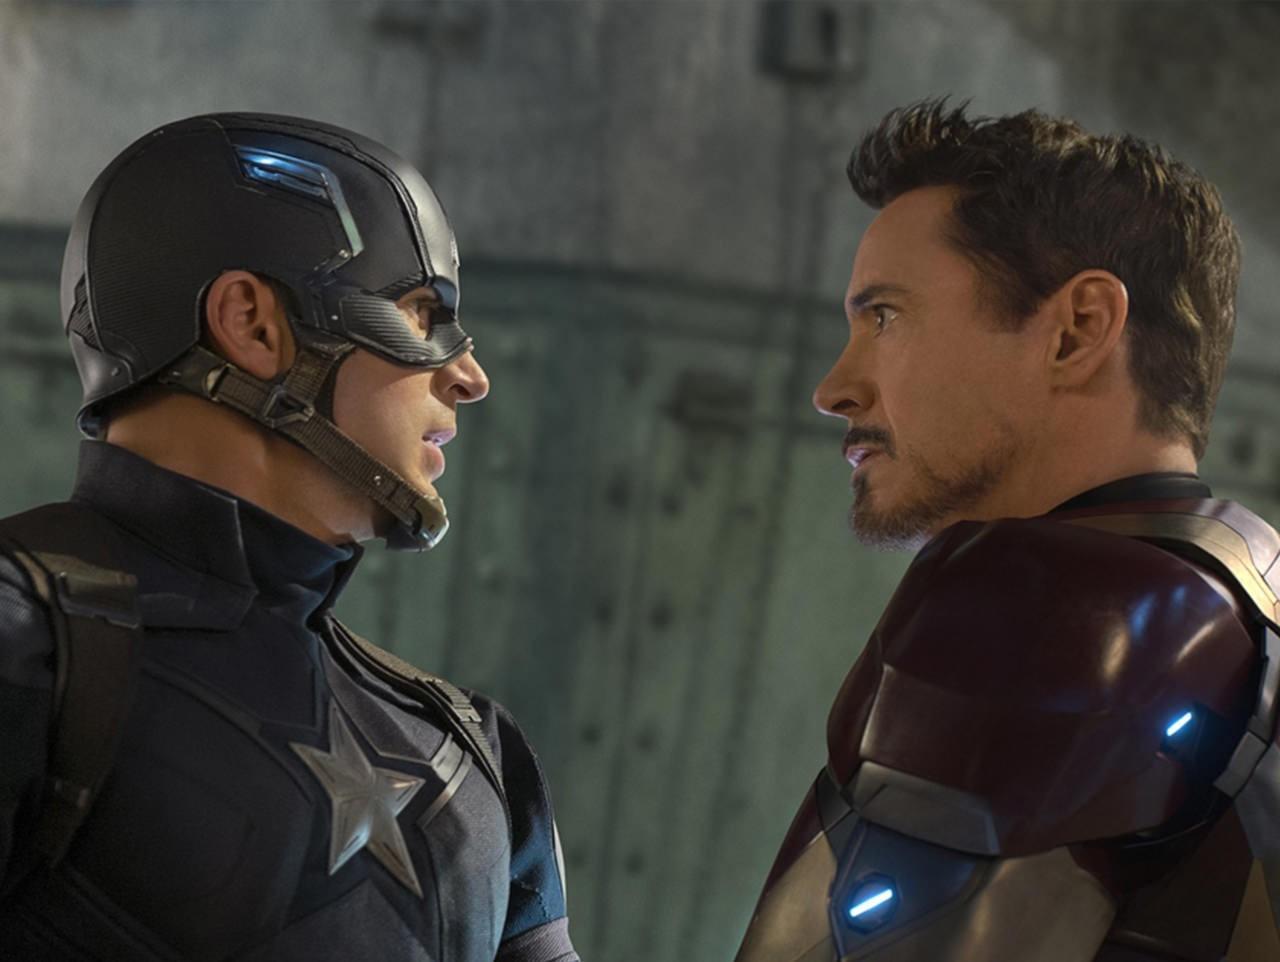 画像1: キャプテンとトニー・スターク。あなたたらどちらにつく?『シビル・ウォー/キャプテン・アメリカ』【2016年4月29日公開】